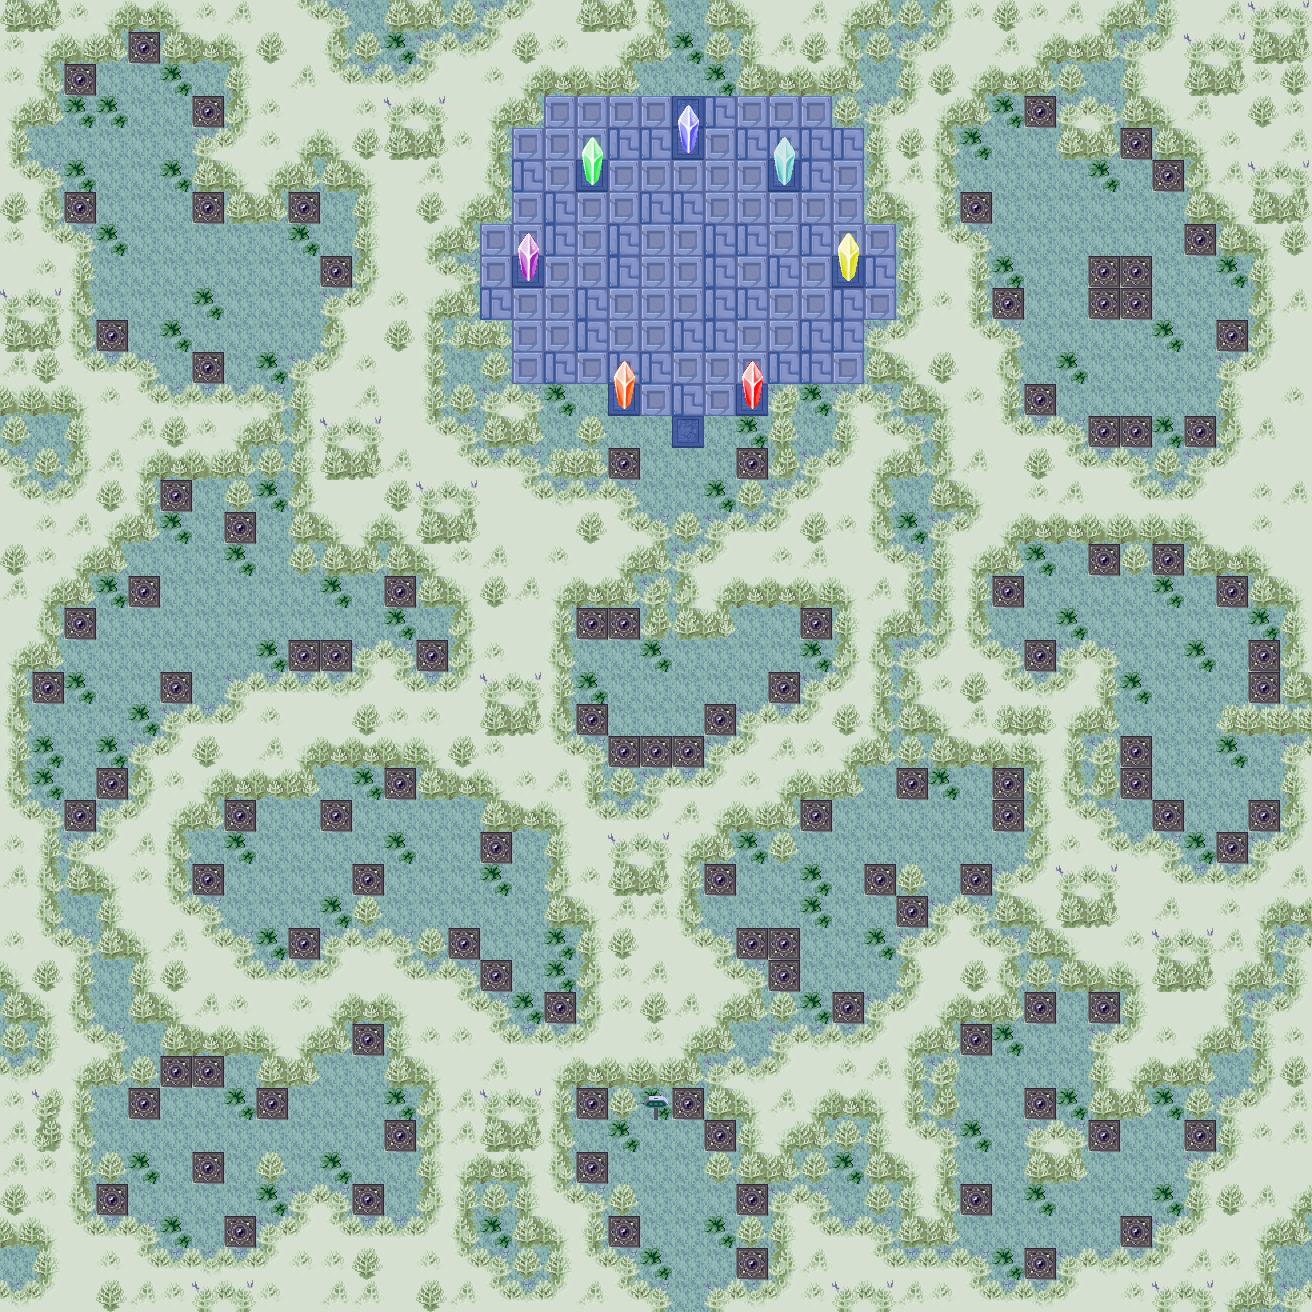 AshForestPuzzle